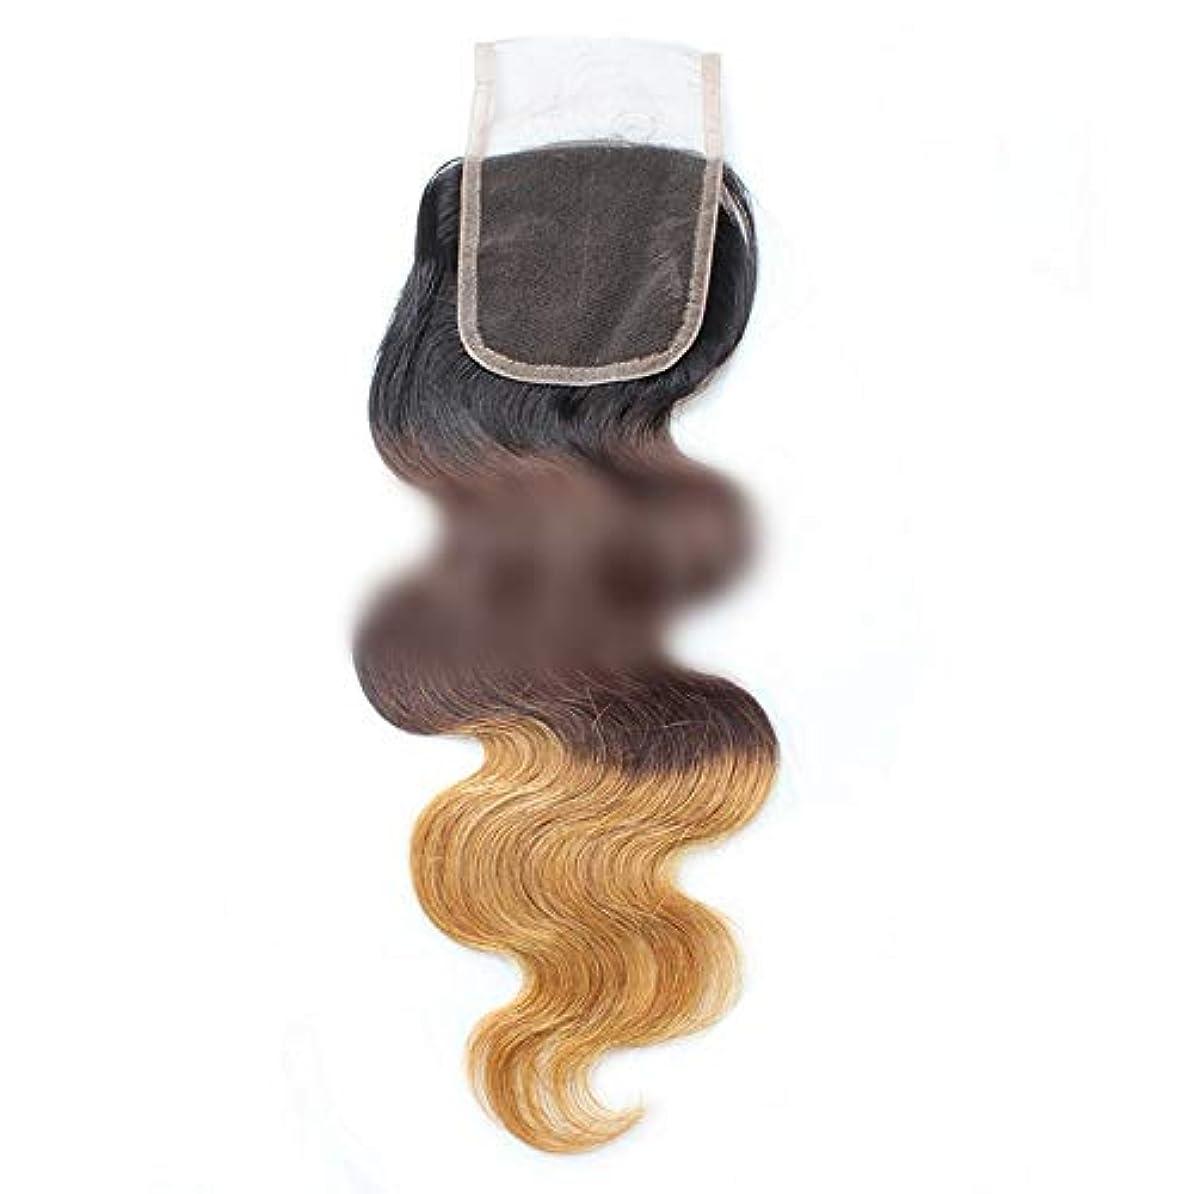 真面目な発明する折YESONEEP 実体波4×4レース前頭閉鎖人間の髪の毛黒から茶色への3トーンカラー無料パートヘアコンポジットヘアレースかつらロールプレイングかつらロングとショート女性自然 (色 : ブラウン, サイズ : 16 inch)